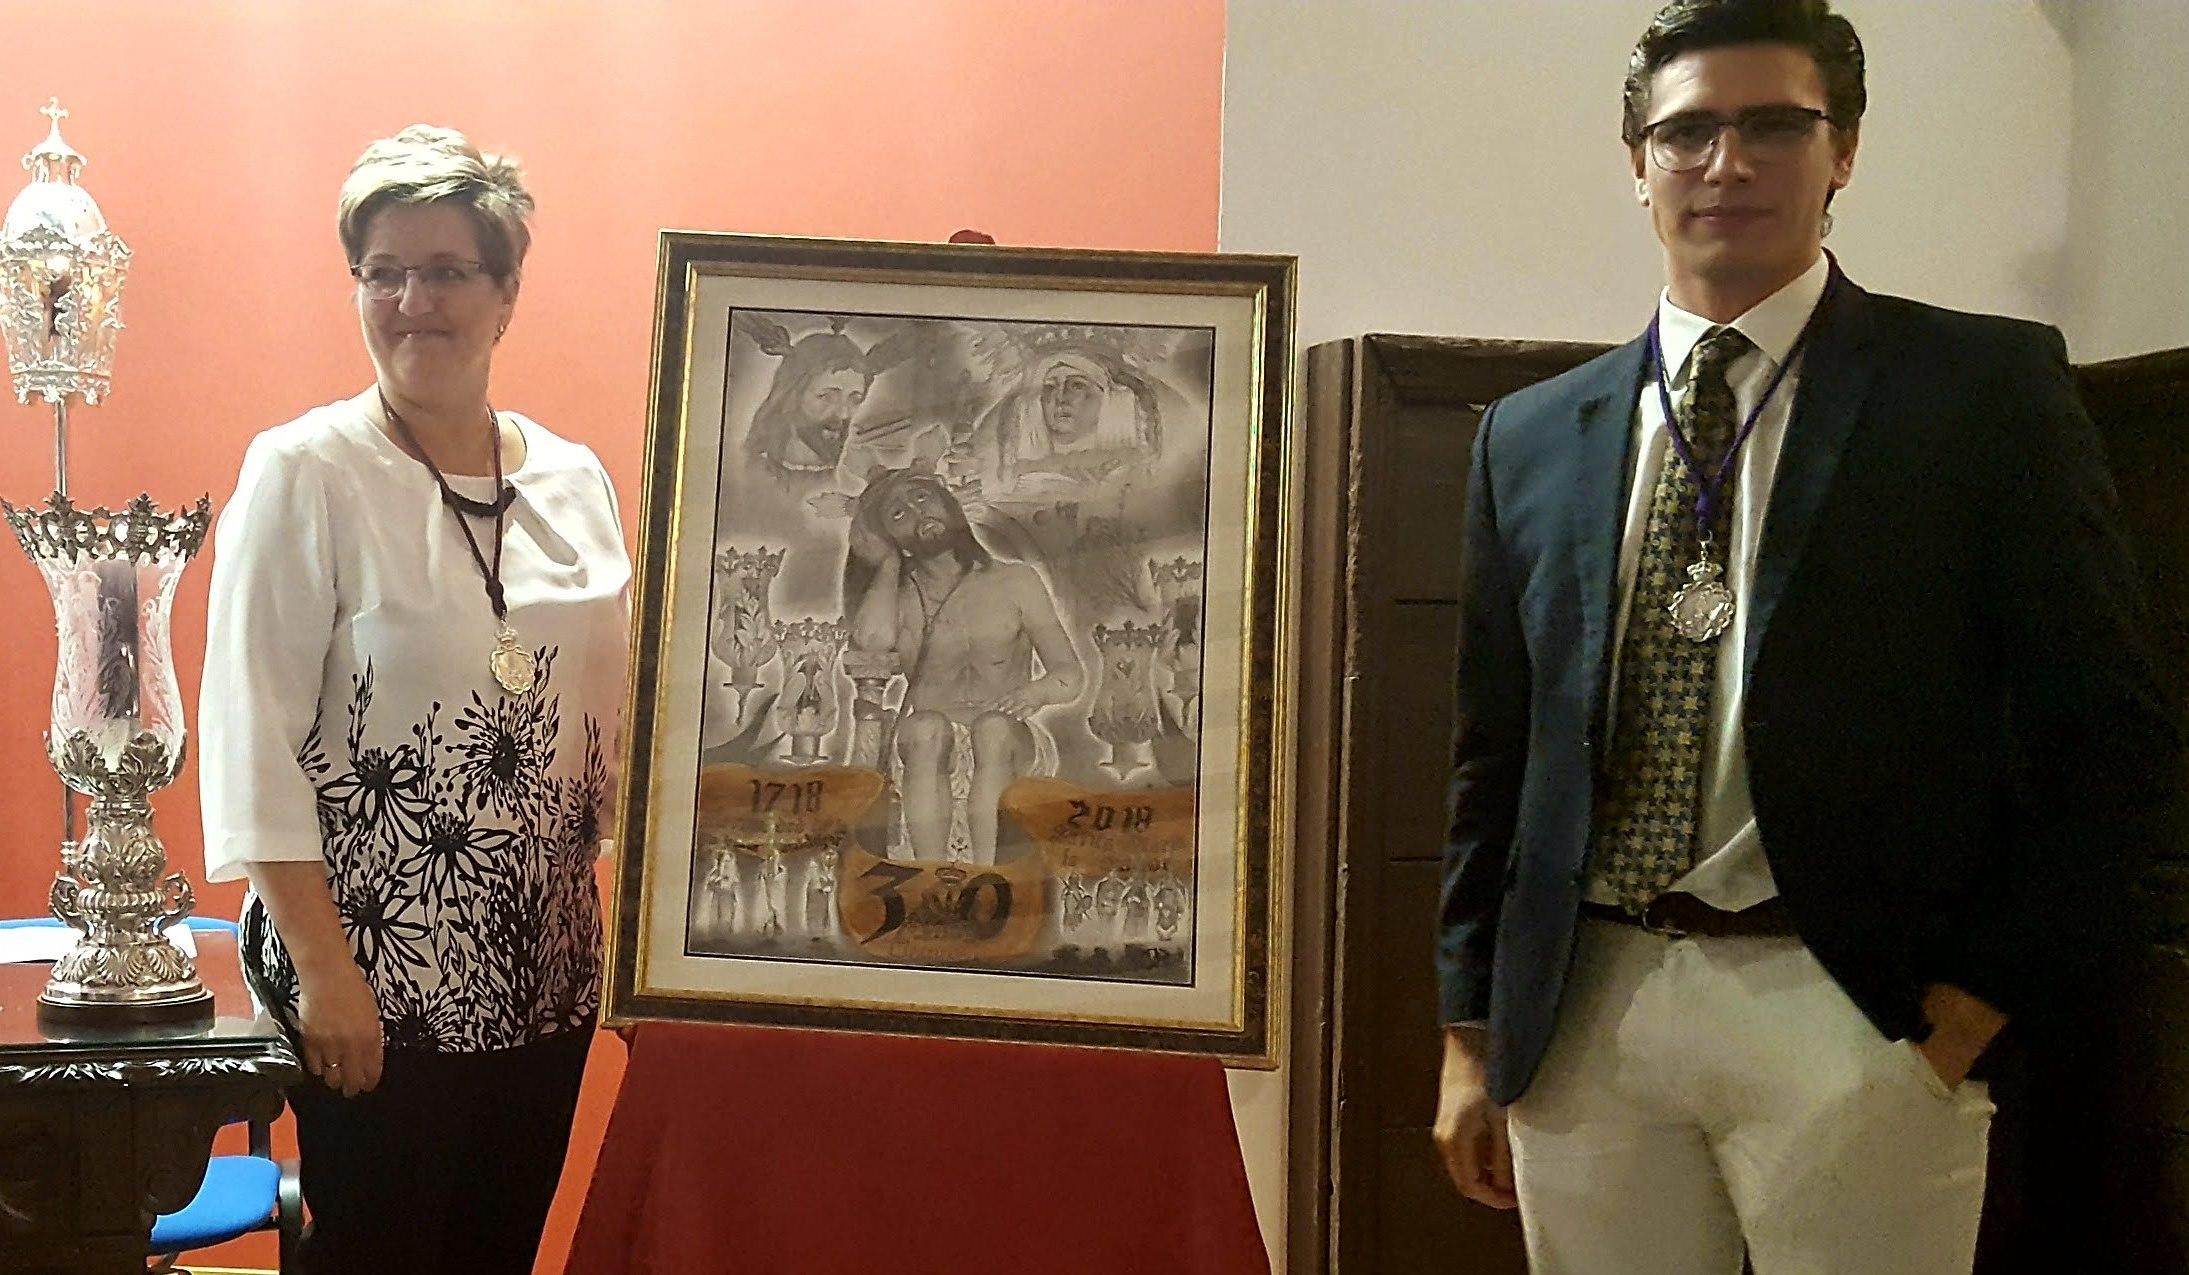 Antonio Boiso realiza el cartel de los 300 años de la Hermandad de la Paciencia